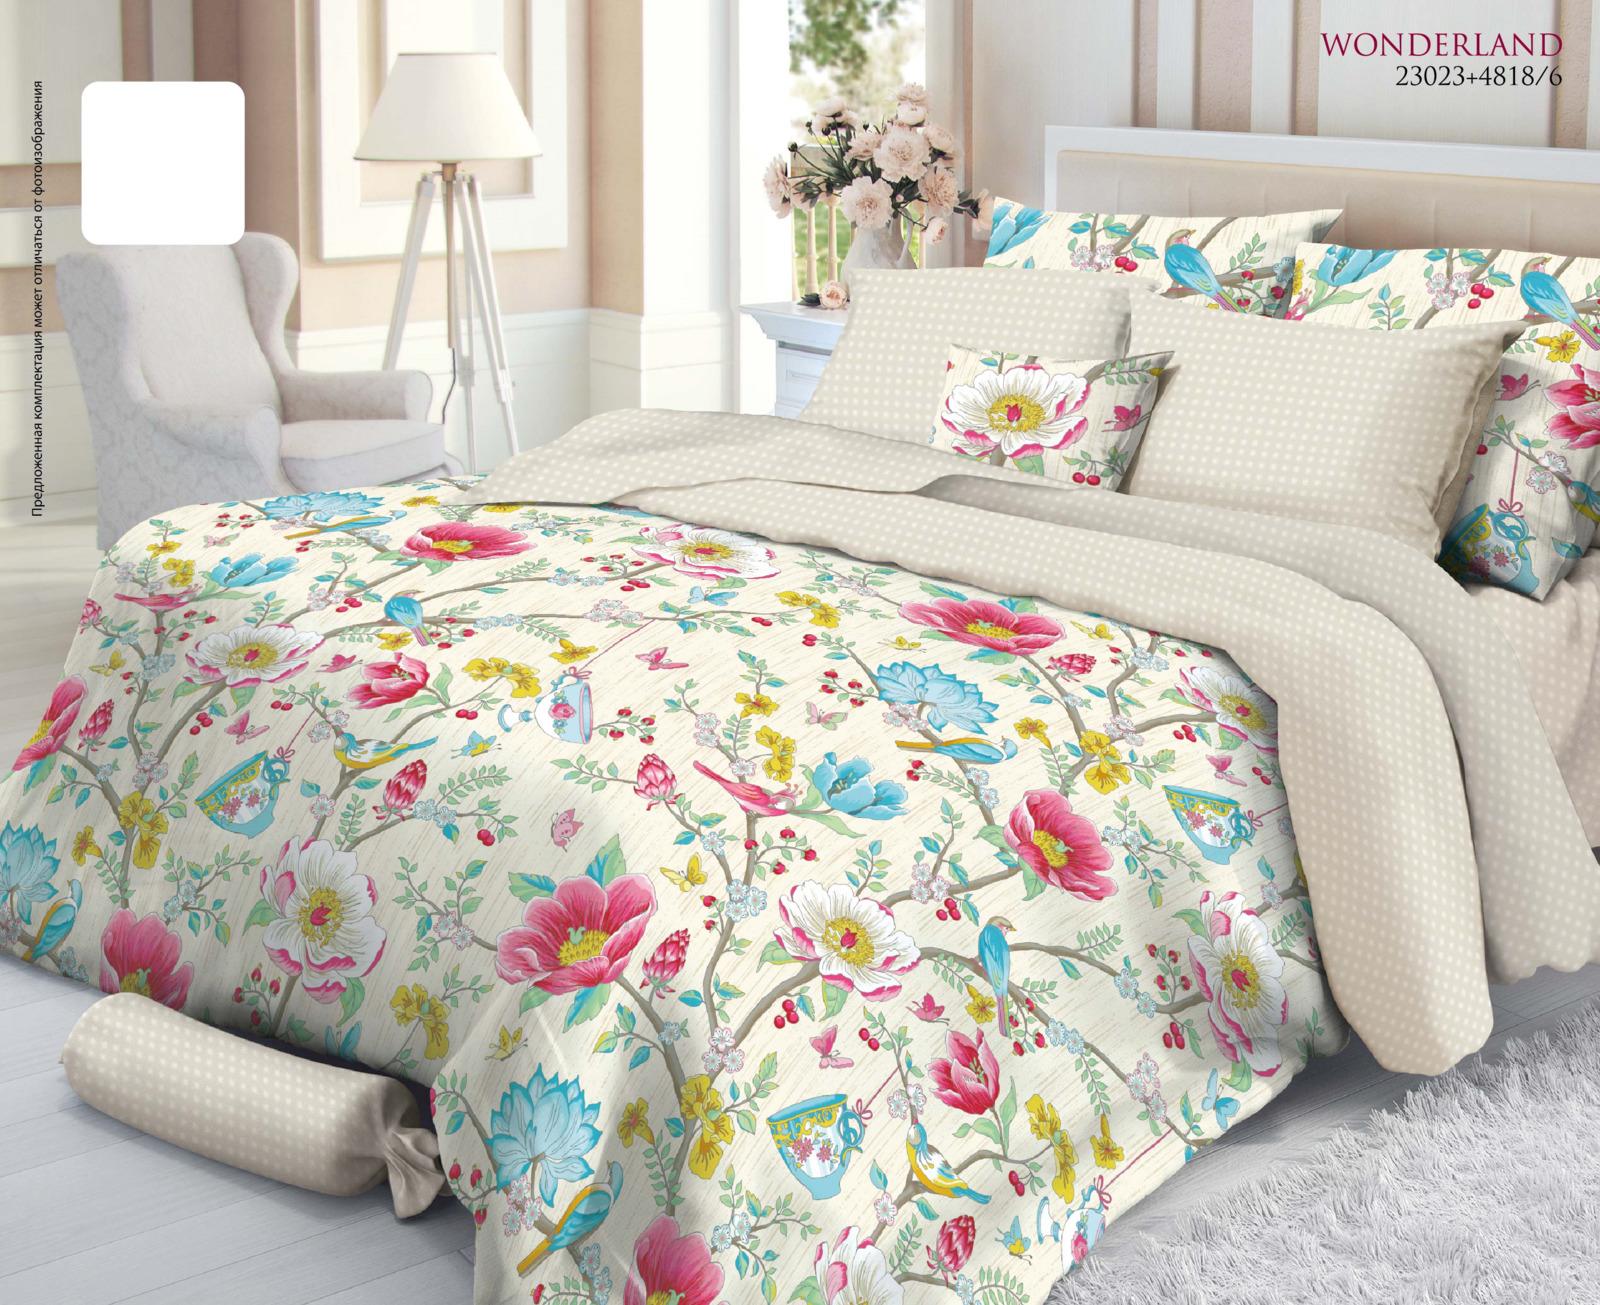 Комплект белья Verossa Wonderland, 1,5-спальный, наволочки 70x70